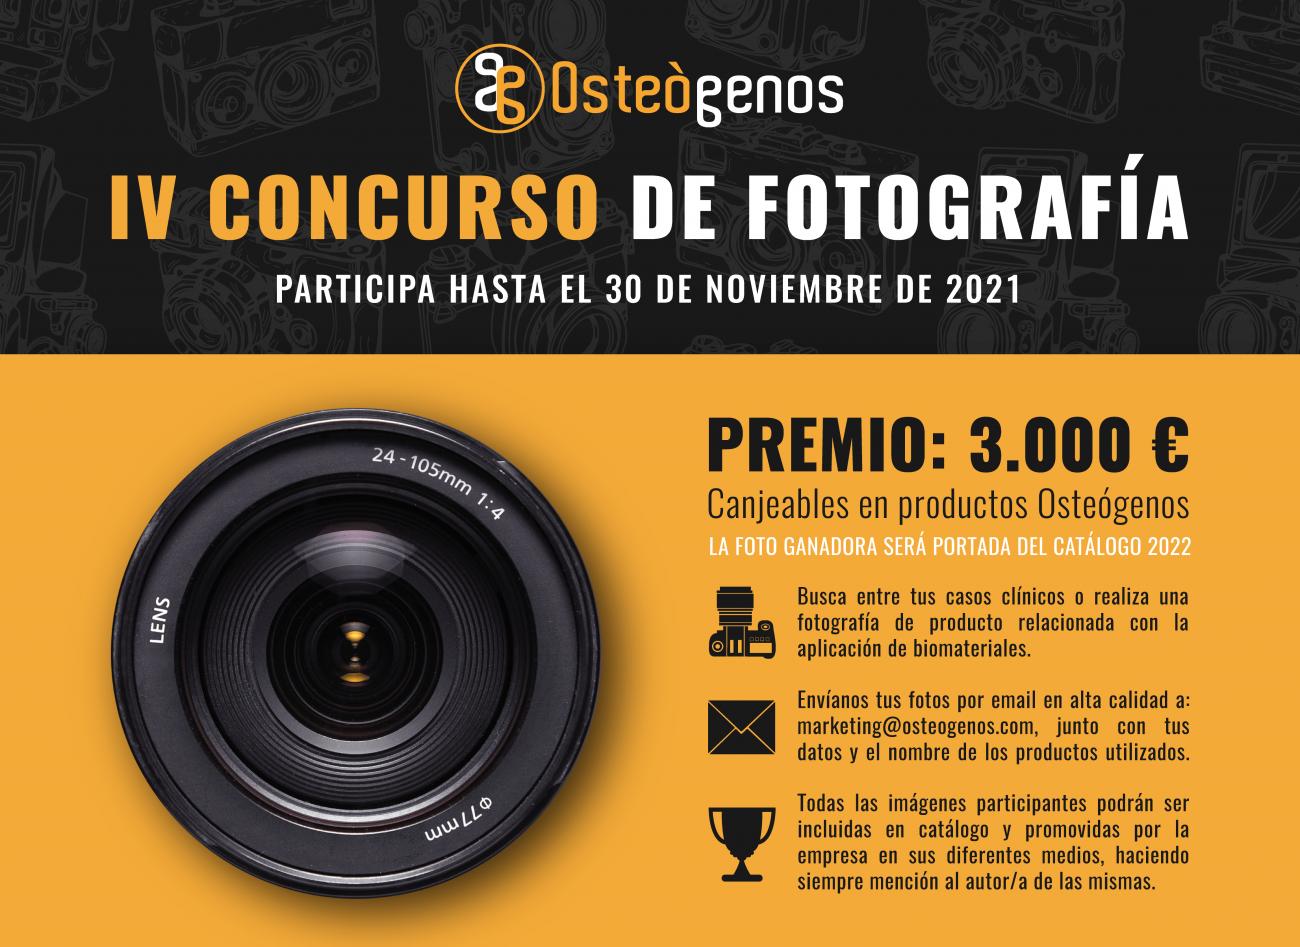 IV Concurso de Fotografía Osteógenos